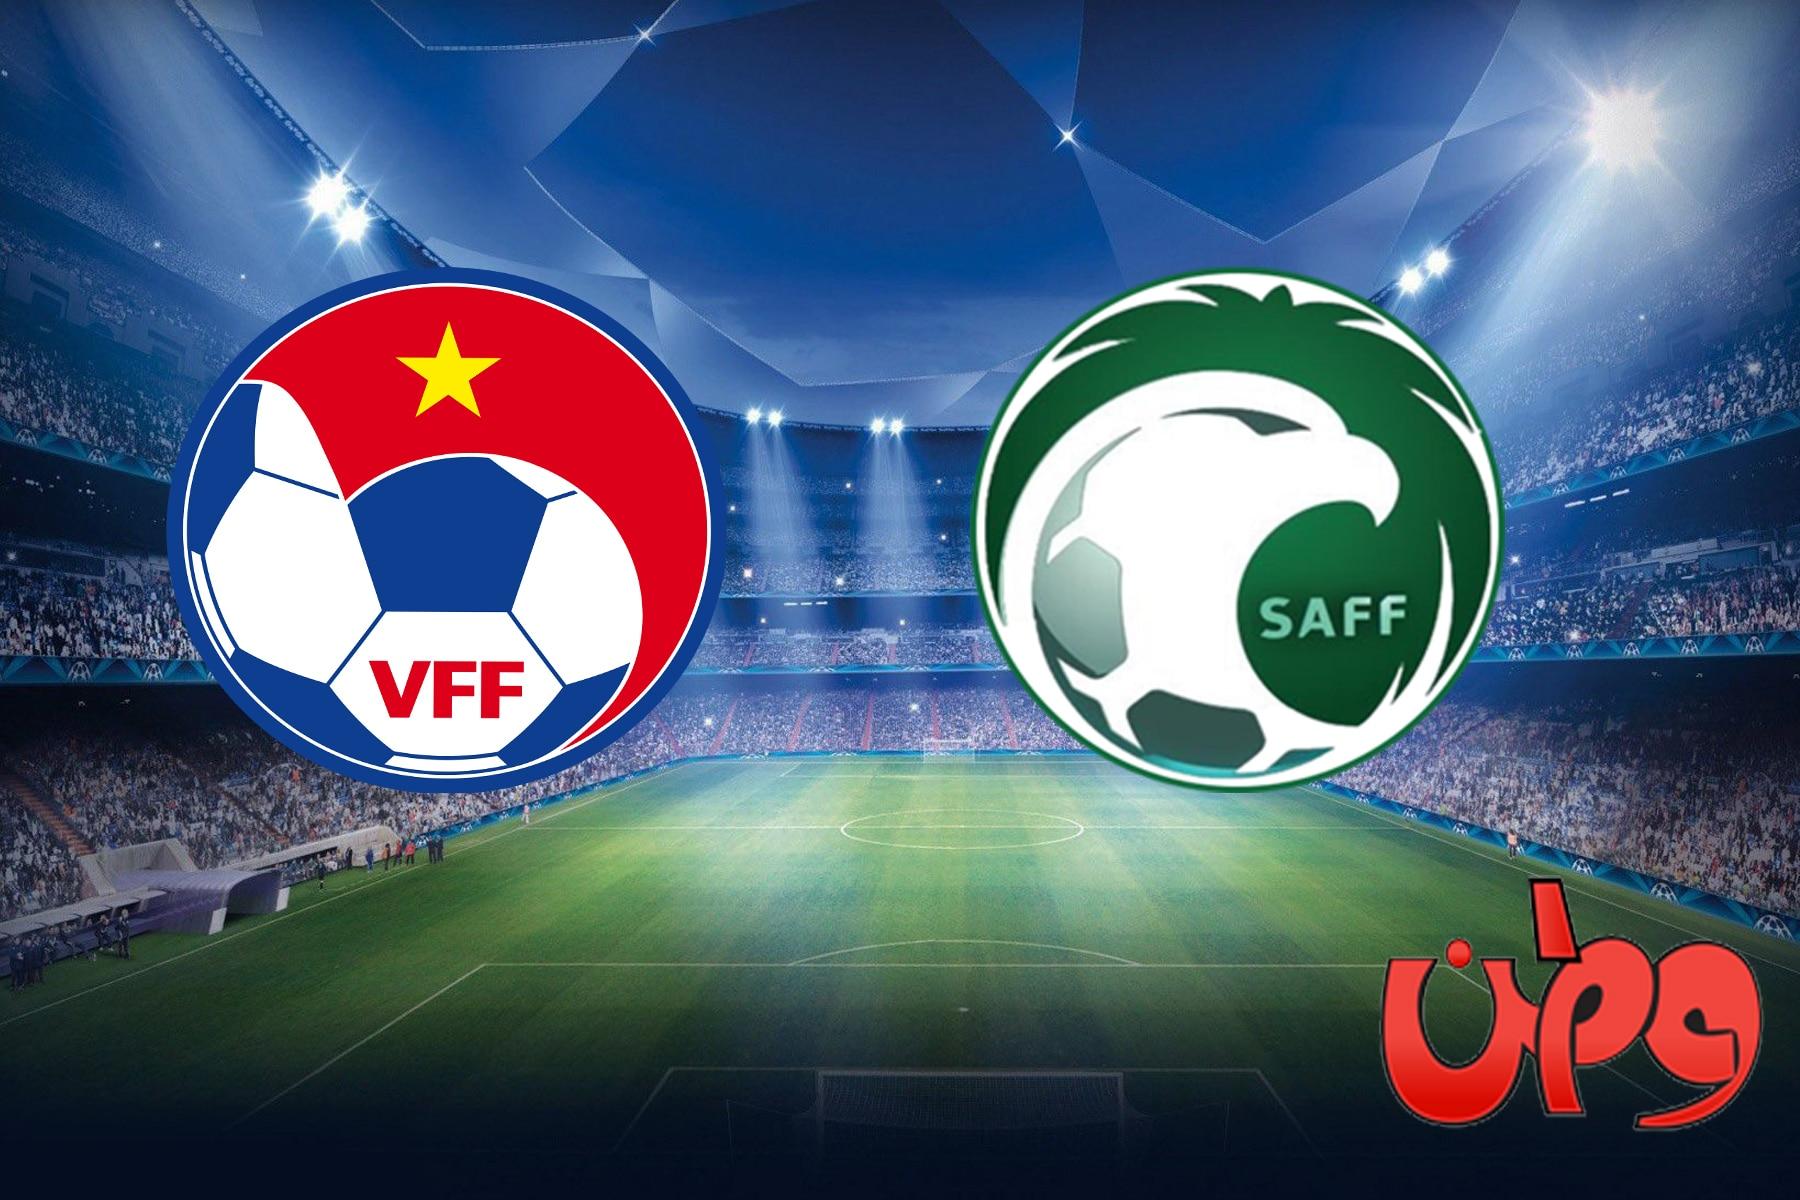 موعد ومعلق مباراة منتخب السعودية وفيتنام في تصفيات آسيا لمونديال كأس العالم 2022